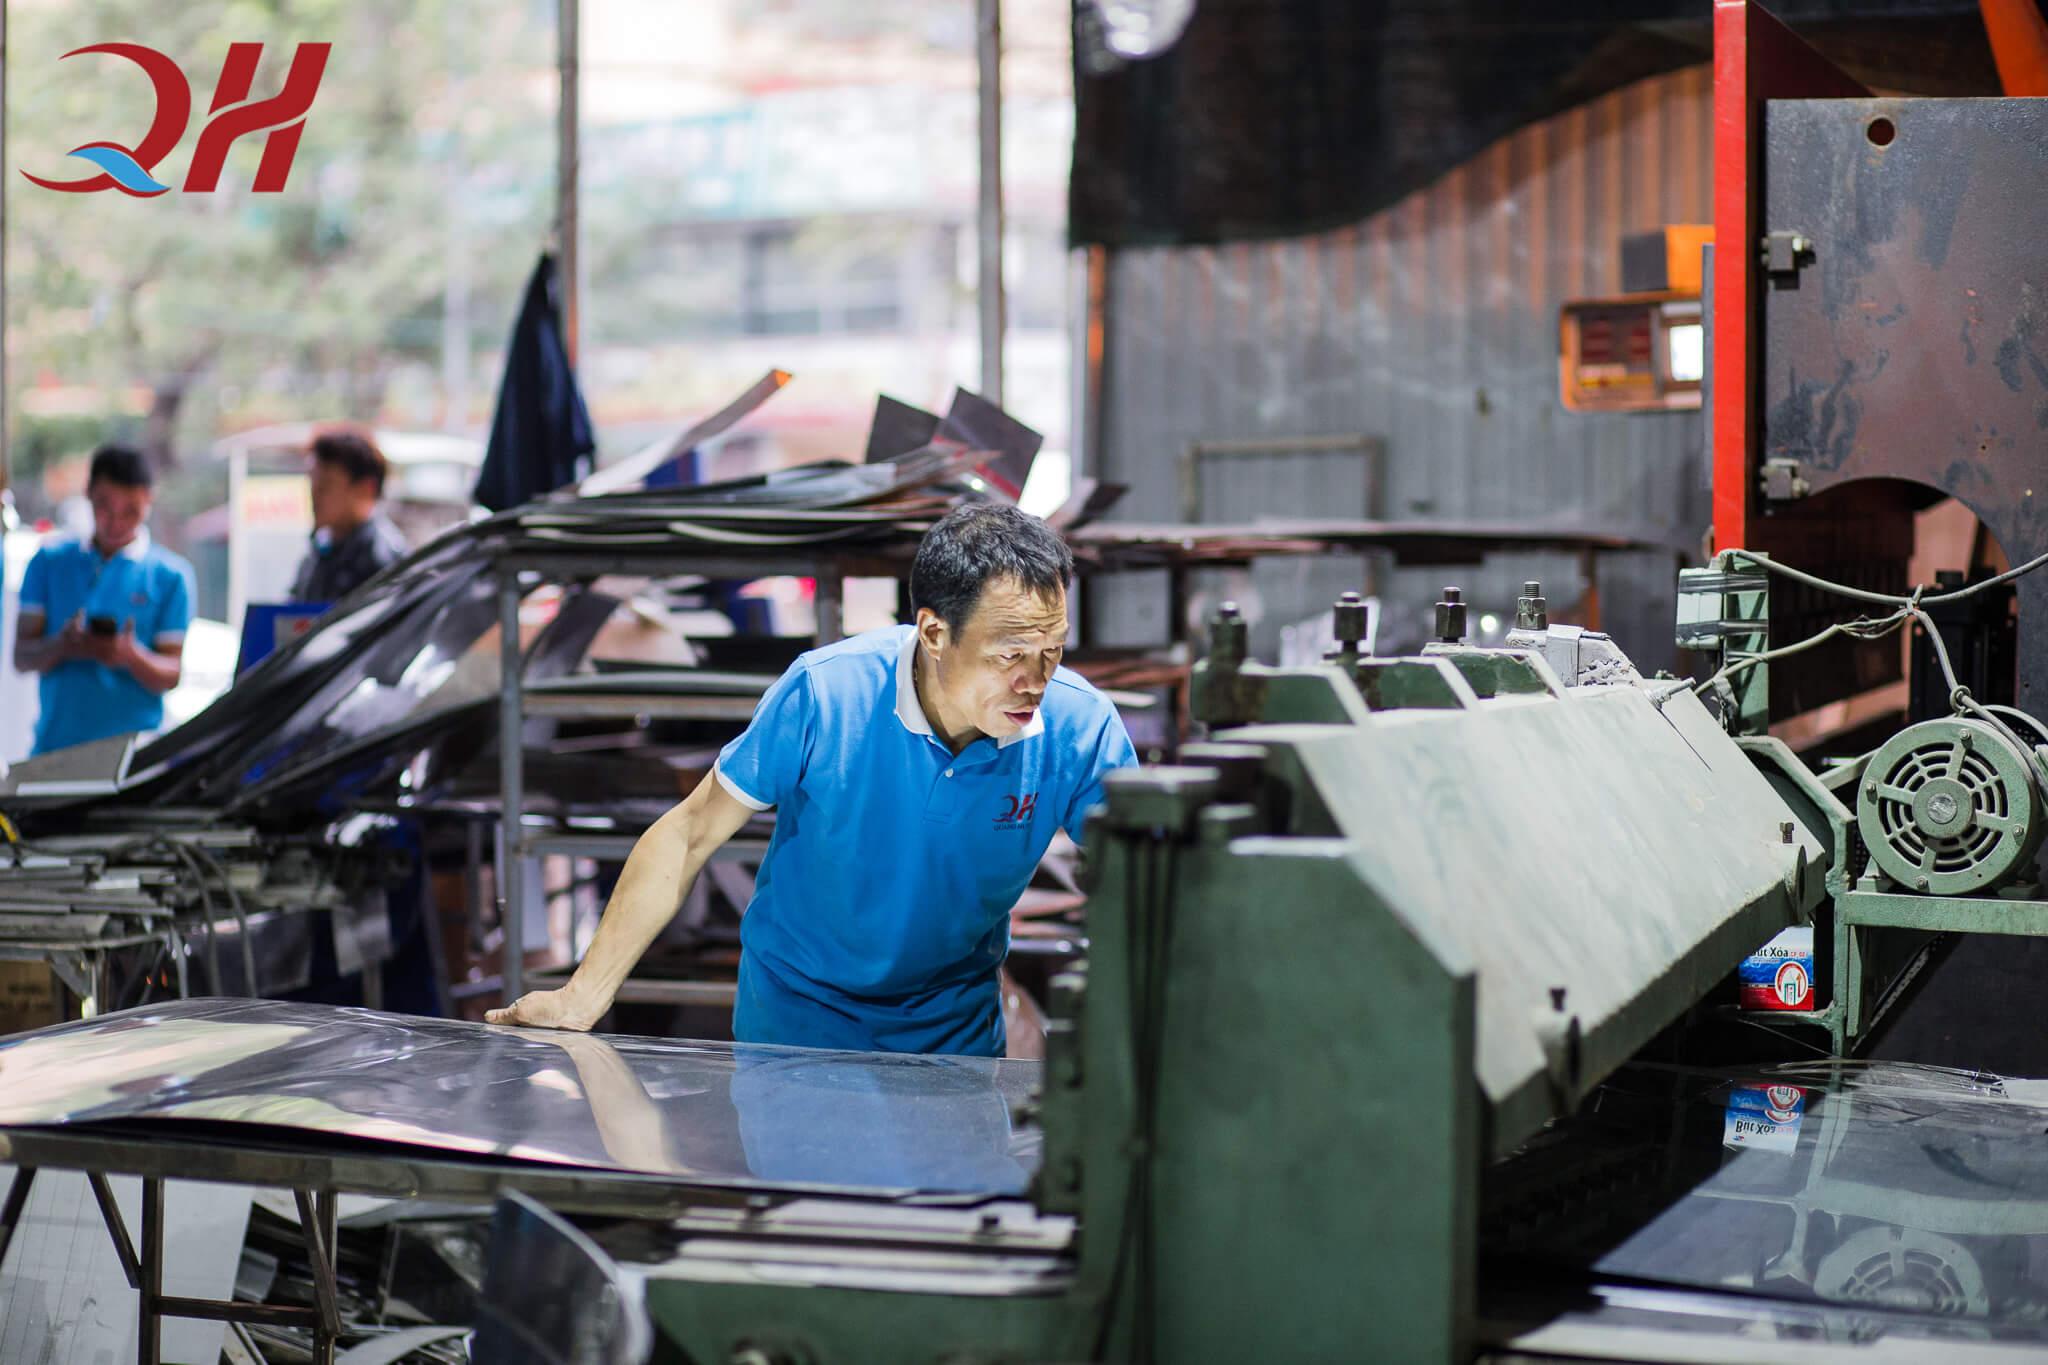 máy ép nước mía được sản xuất ngay tại xưởng Quang Huy